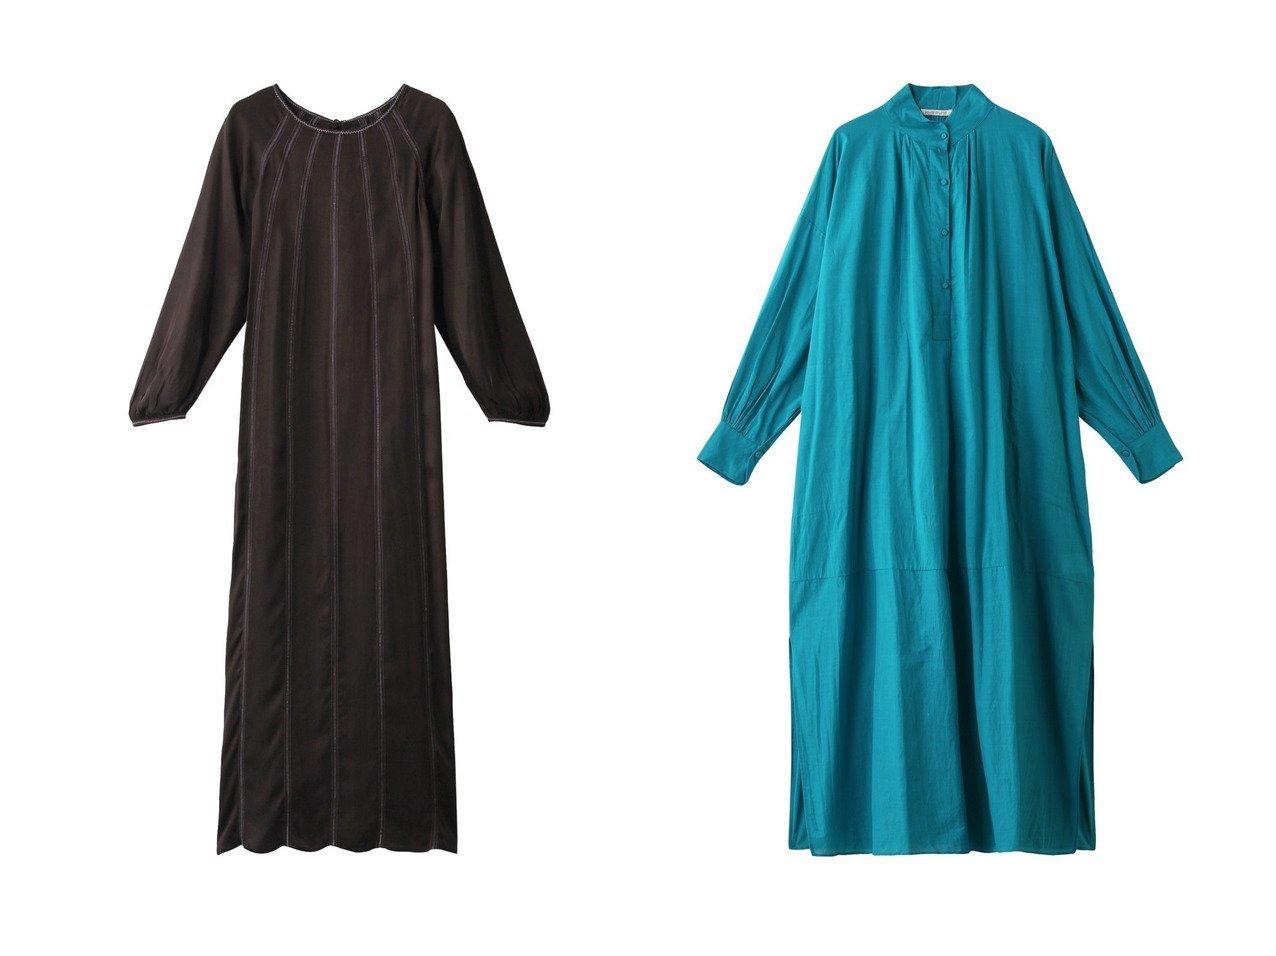 【Pheeta/フィータ】のVianne レーヨンロングドレス&【HOUSE OF LOTUS/ハウス オブ ロータス】のカディコットンシャツワンピース ワンピース・ドレスのおすすめ!人気、トレンド・レディースファッションの通販 おすすめで人気の流行・トレンド、ファッションの通販商品 メンズファッション・キッズファッション・インテリア・家具・レディースファッション・服の通販 founy(ファニー) https://founy.com/ ファッション Fashion レディースファッション WOMEN ワンピース Dress ドレス Party Dresses シャツワンピース Shirt Dresses 2021年 2021 2021 春夏 S/S SS Spring/Summer 2021 S/S 春夏 SS Spring/Summer なめらか スマート ドレス ロング 春 Spring |ID:crp329100000013079